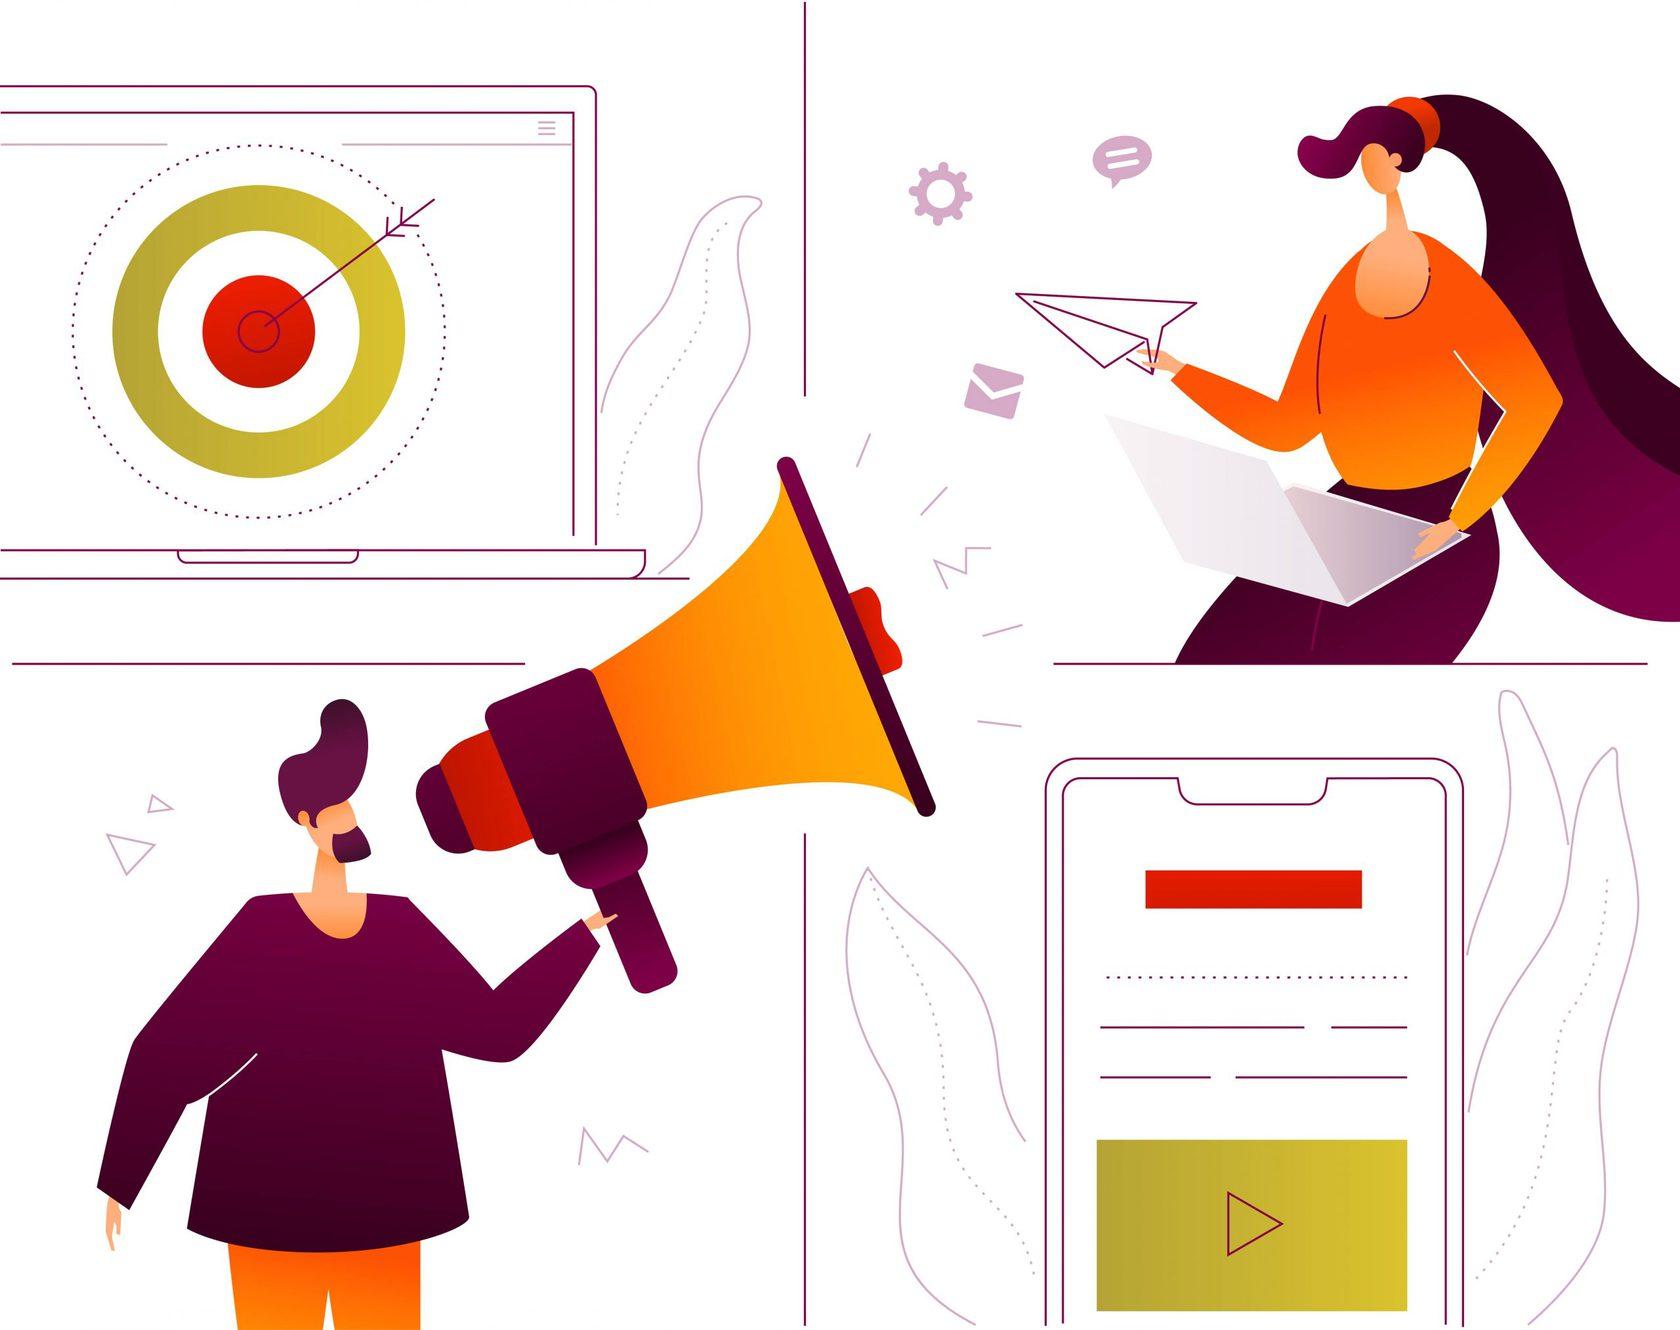 Как продавать товары и услуги в социальных сетях - реклама